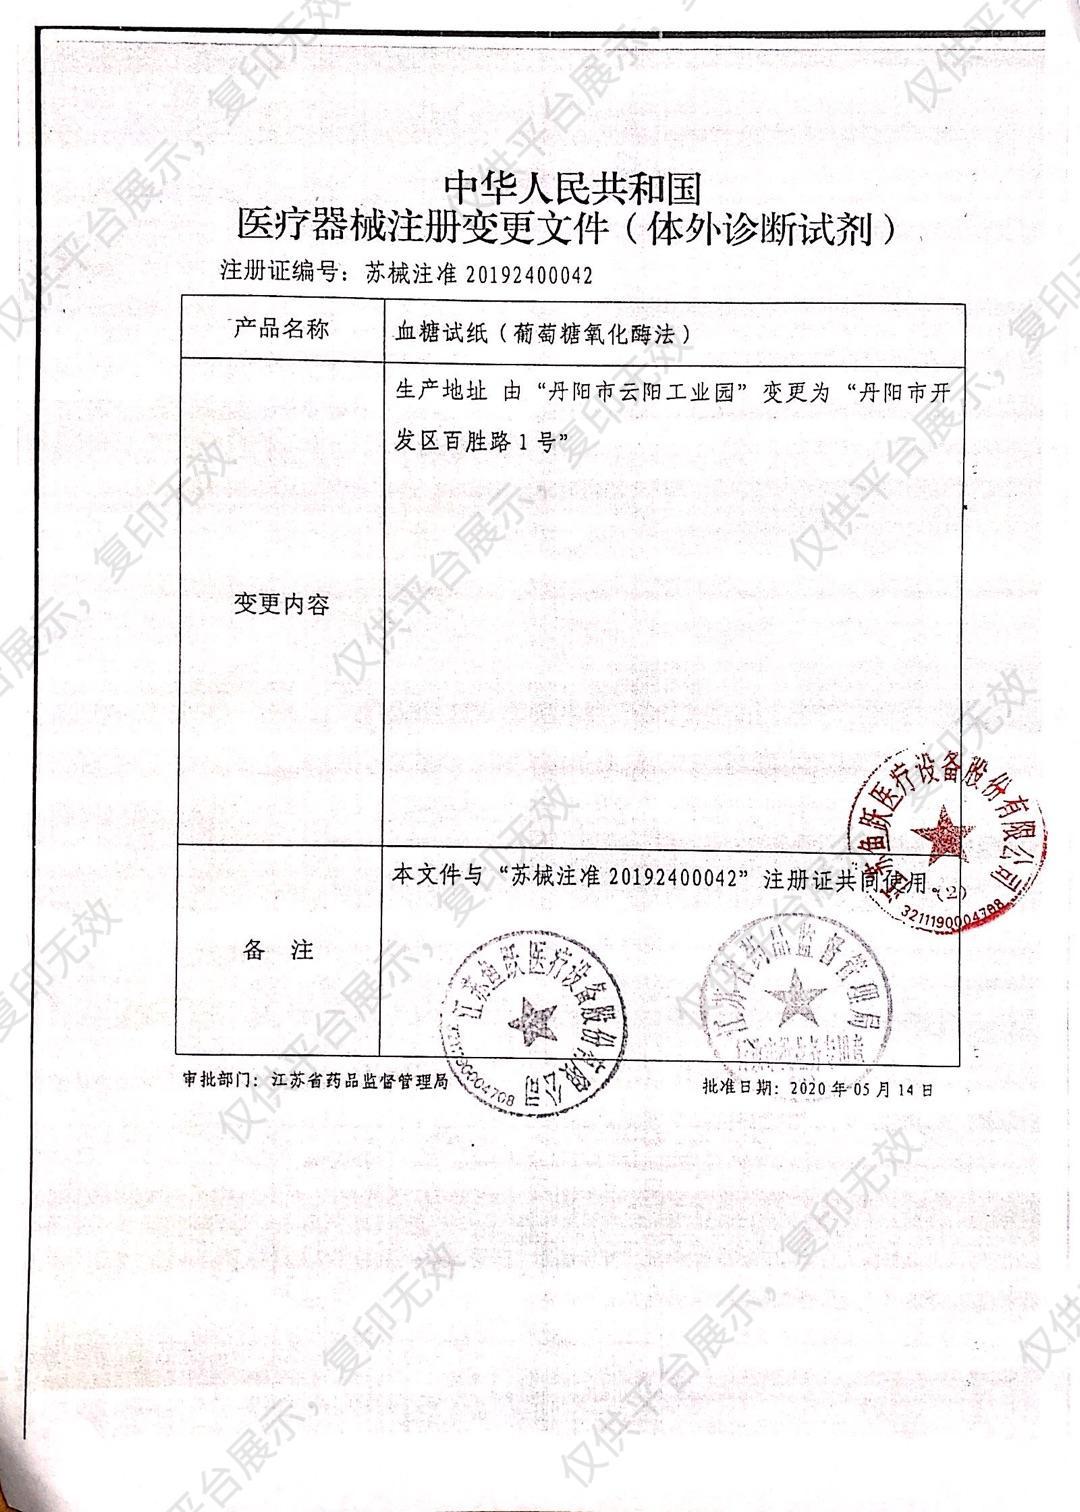 鱼跃yuwell 血糖试纸套装 305A(1+50)注册证